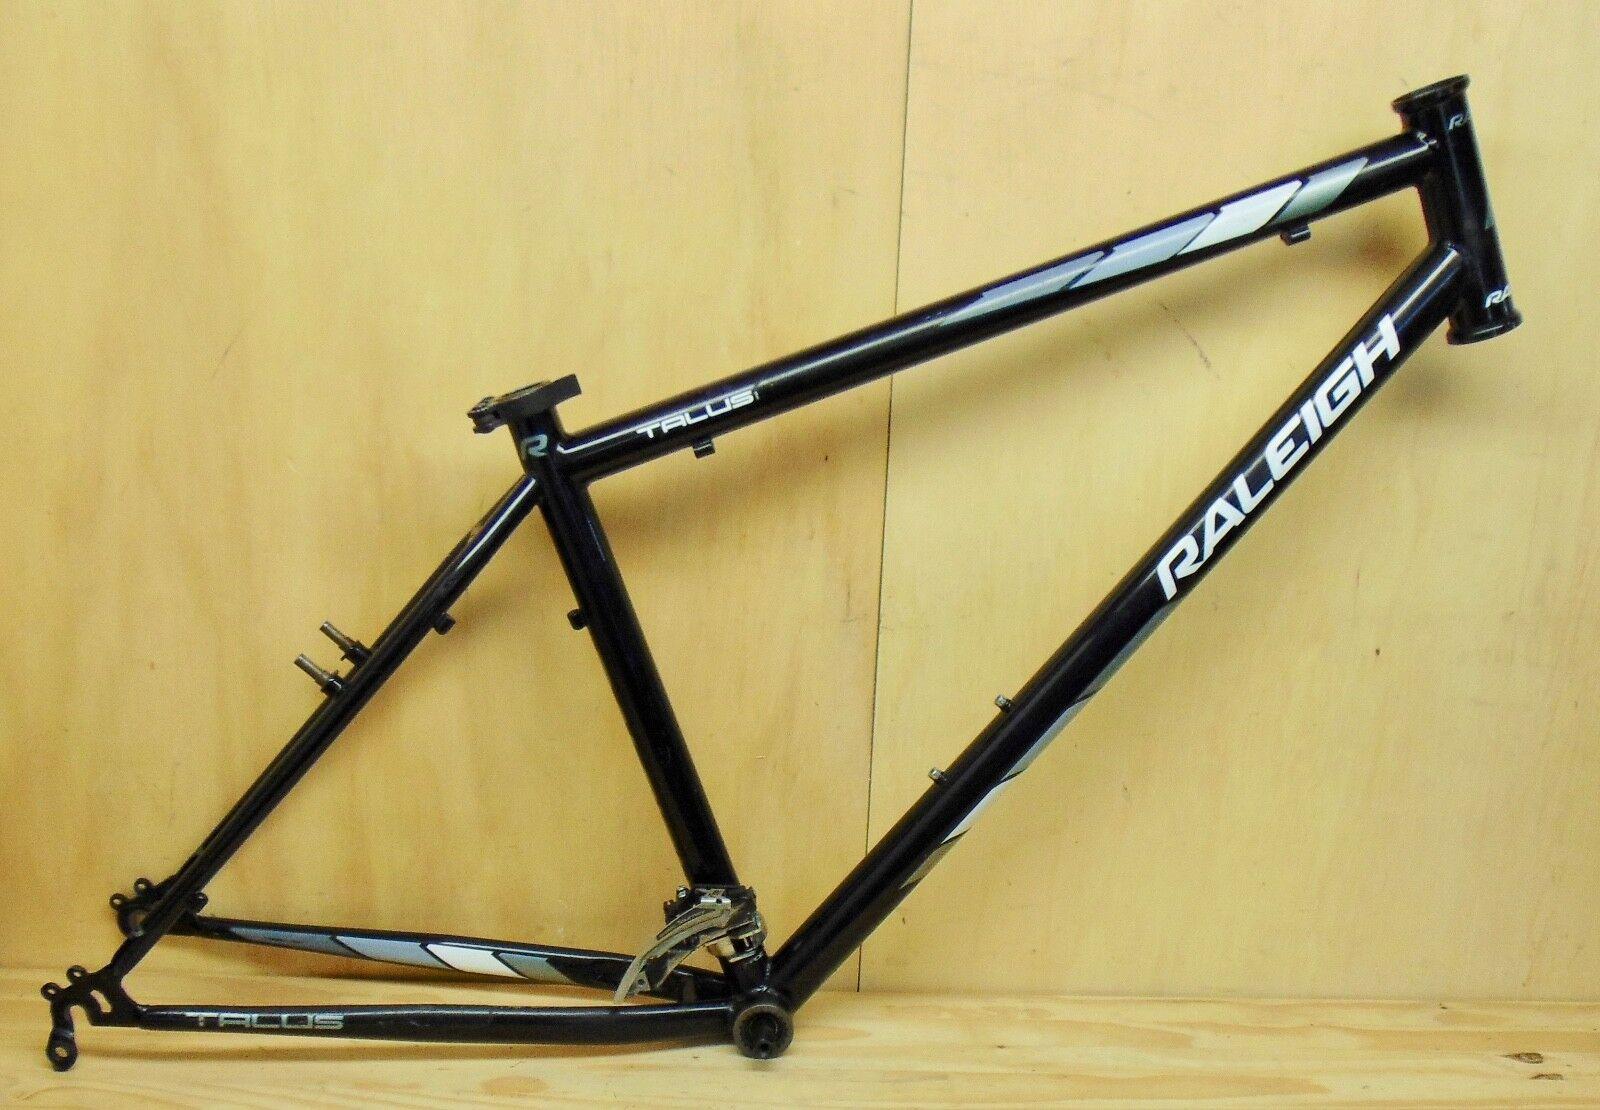 Raleigh Talus Bicicleta de montaña 17.5  solo marco se adapta 27.5  Neumáticos De Bicicleta